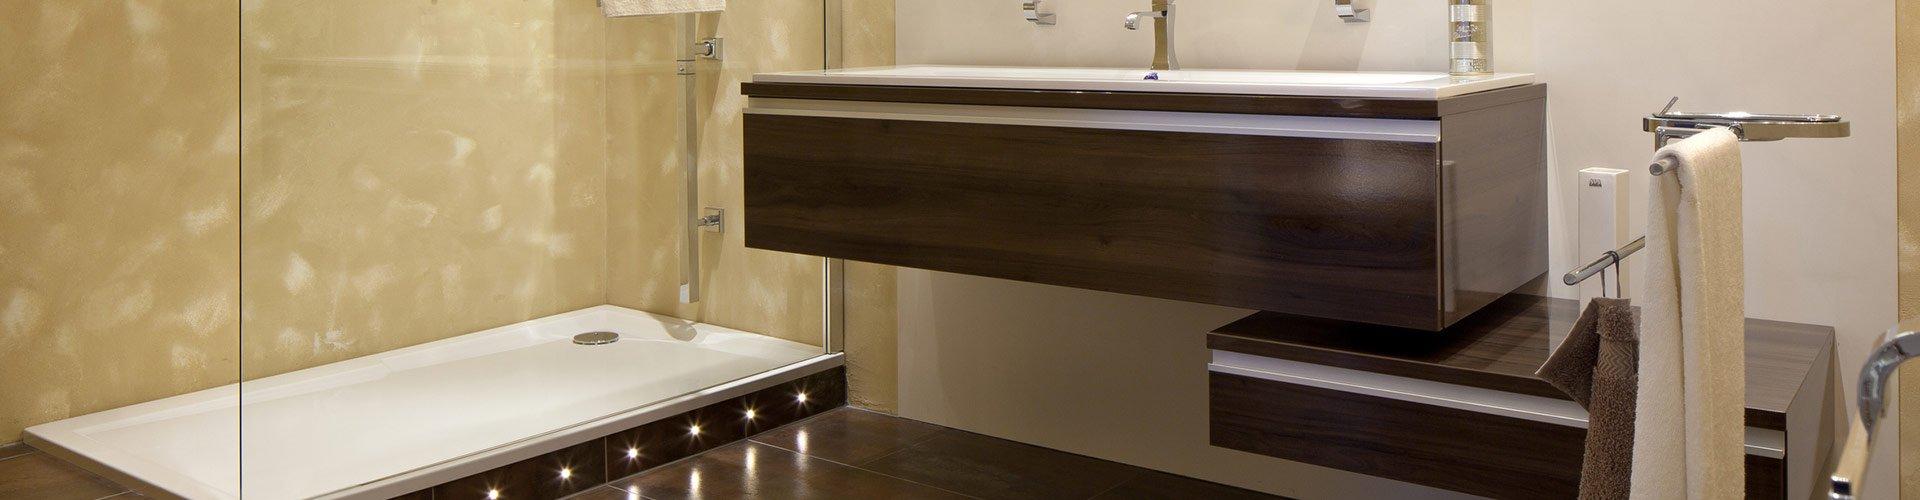 combia duschkabinen duschen glas duschabtrennungen. Black Bedroom Furniture Sets. Home Design Ideas